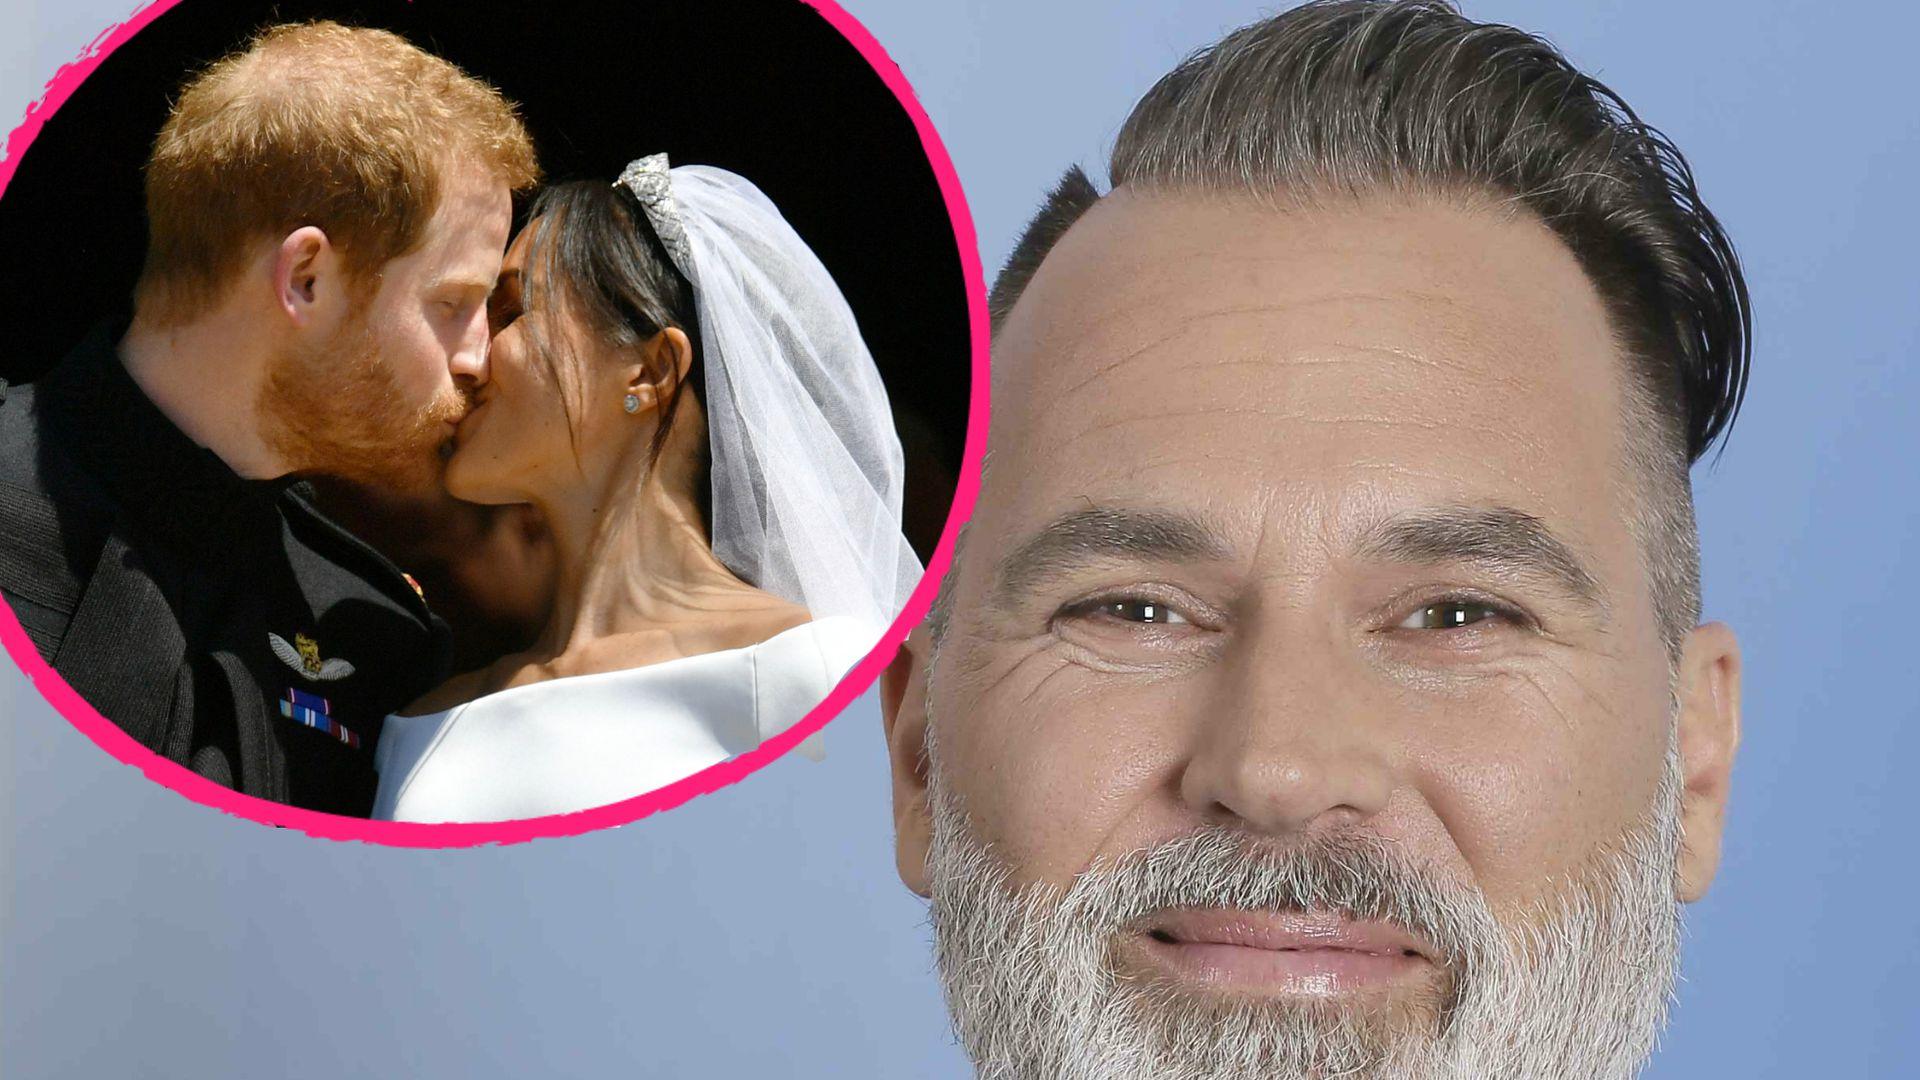 Prozess Nach Vox Hochzeitsfeier Kandidat Im Knast